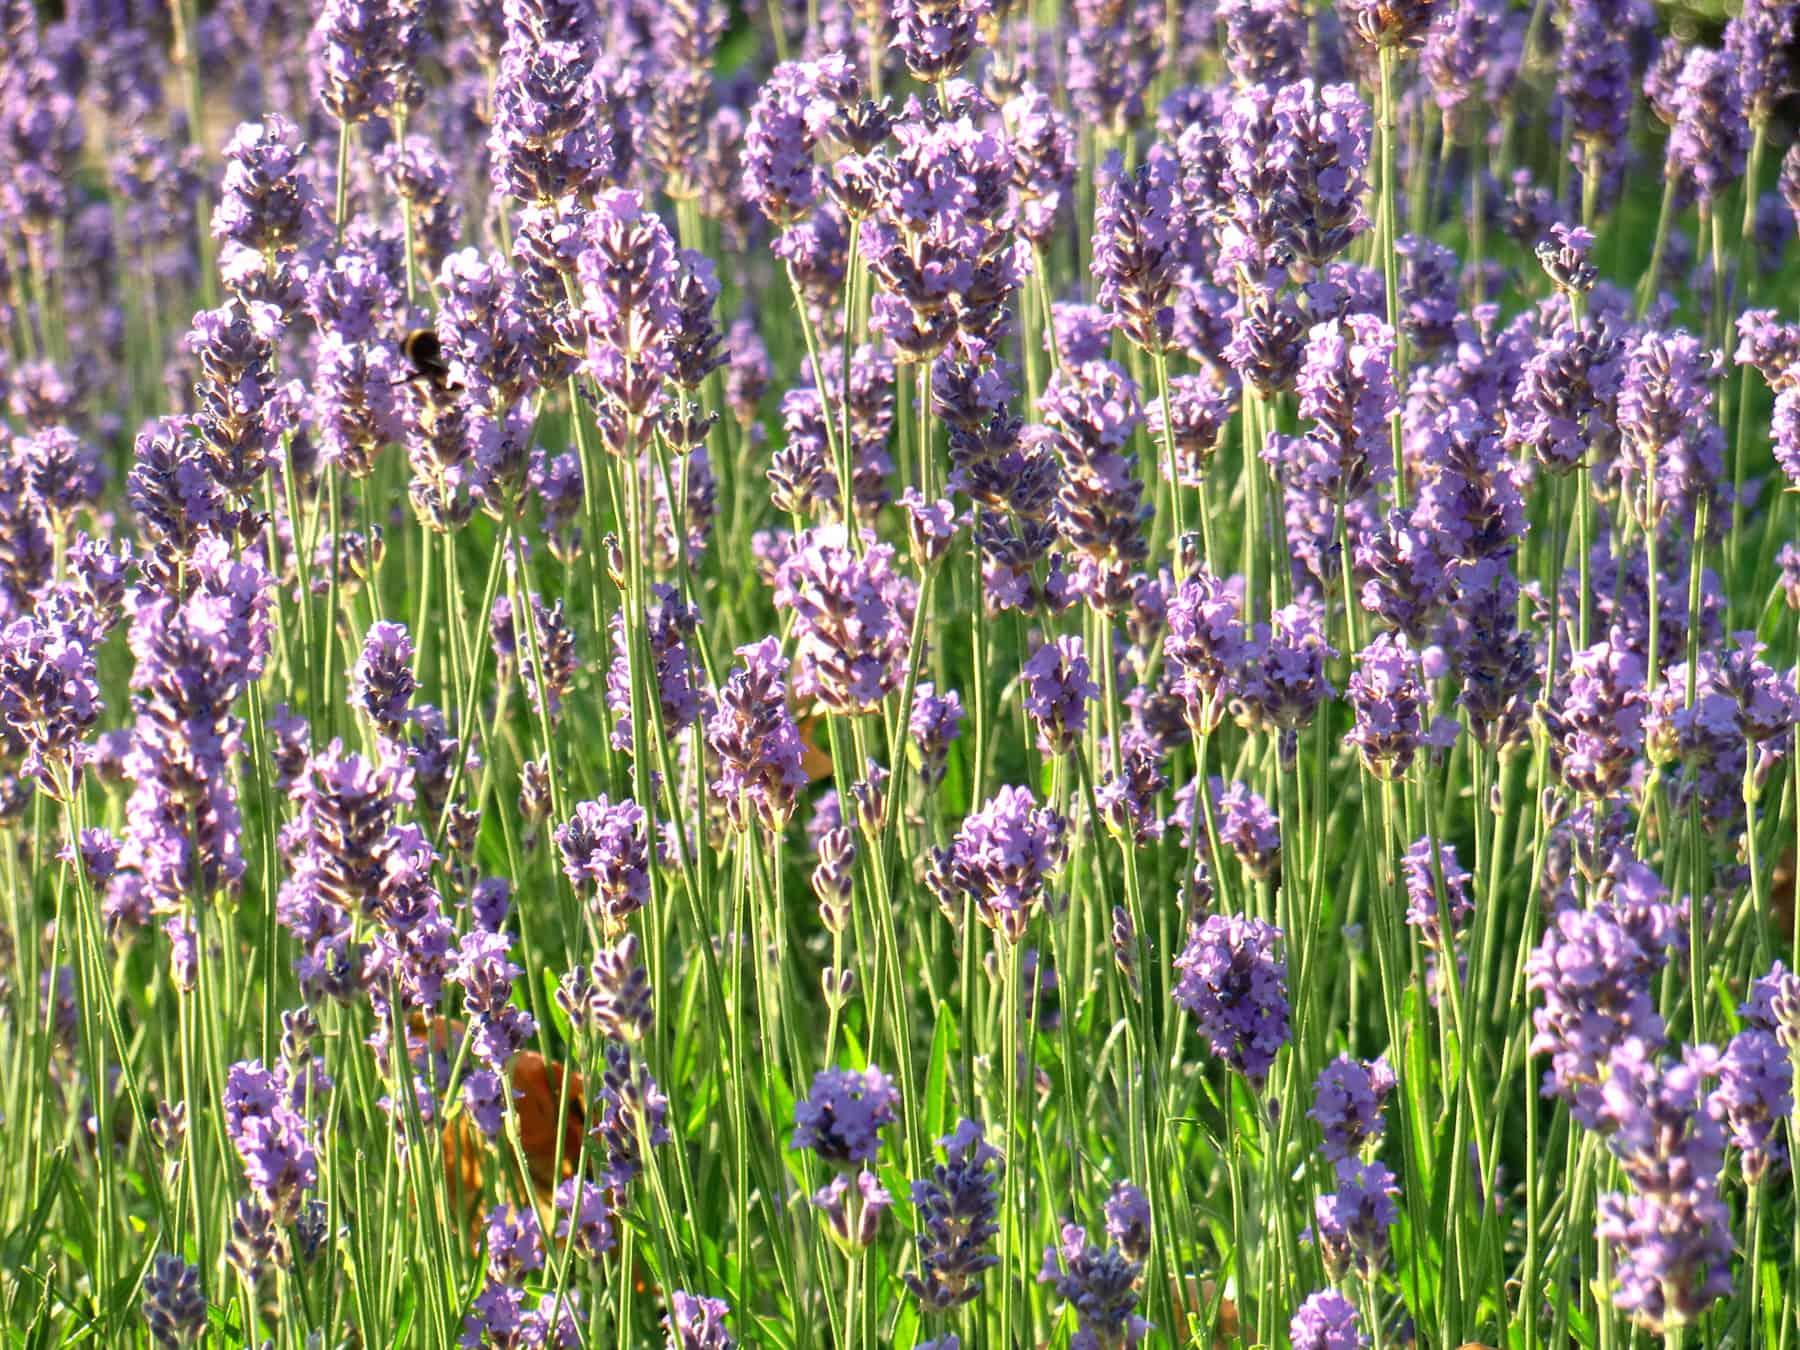 lavendel standort gallery of lavendel with lavendel. Black Bedroom Furniture Sets. Home Design Ideas